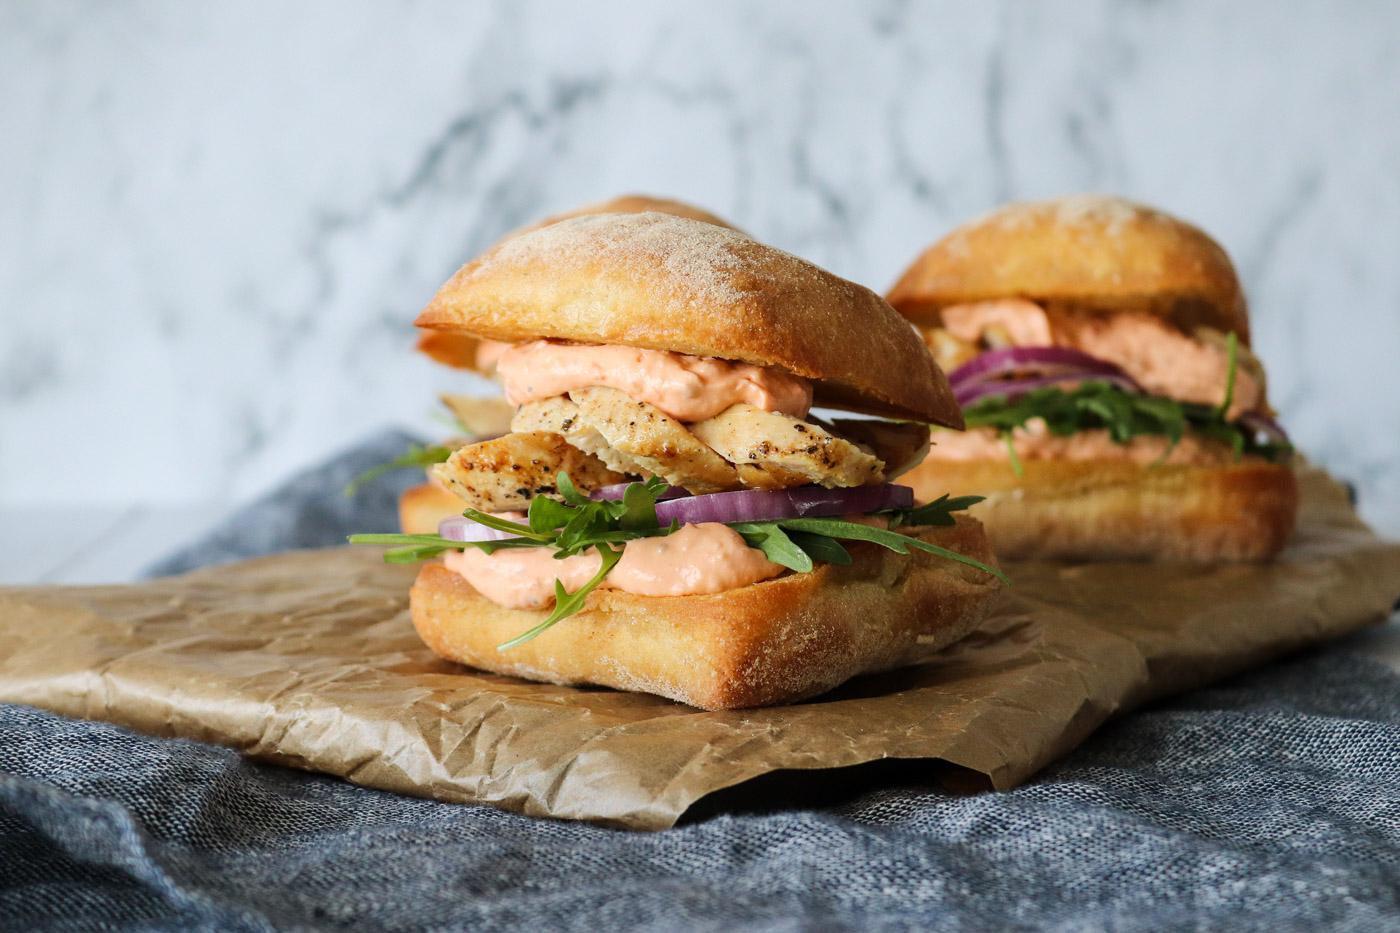 Skønne Sandwiches Med Tomat Fetacreme og Stegt Kylling